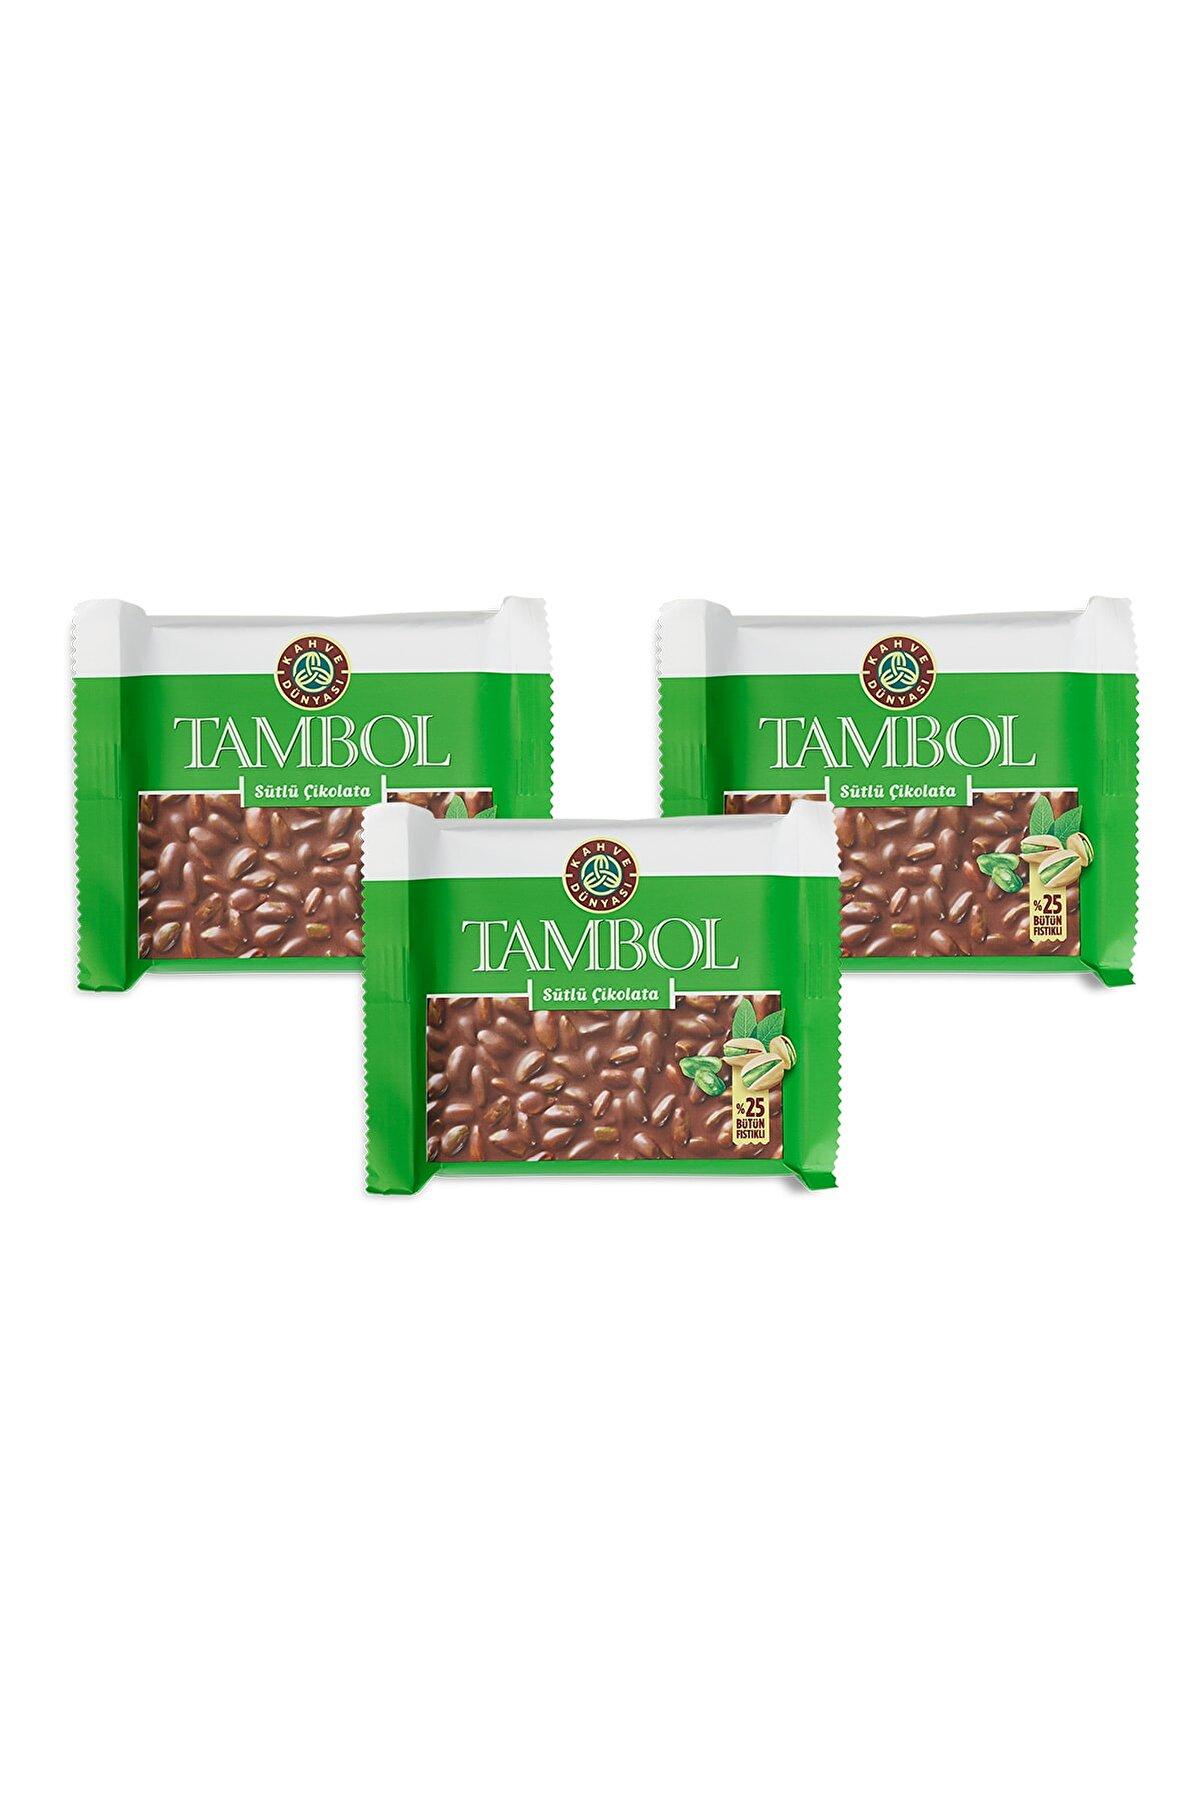 Kahve Dünyası 3'lü Tambol Bütün Fıstıklı Sütlü Çikolata 100g